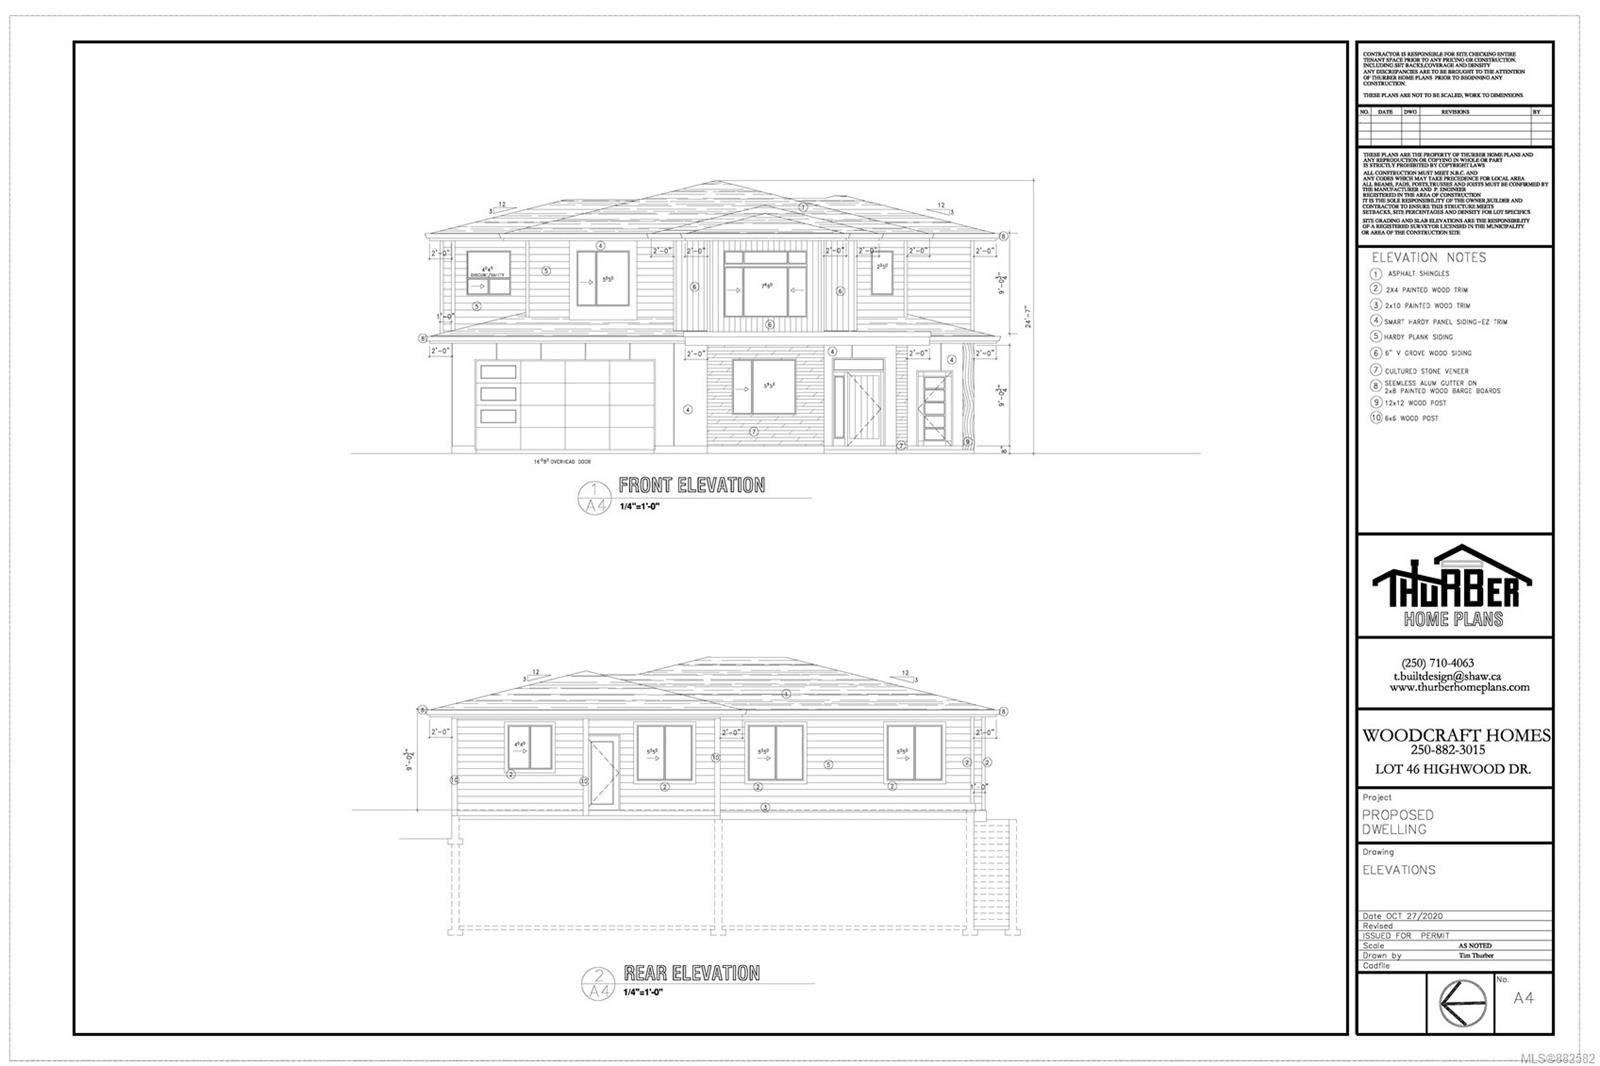 Main Photo: 6286 Highwood Dr in : Du East Duncan House for sale (Duncan)  : MLS®# 882582